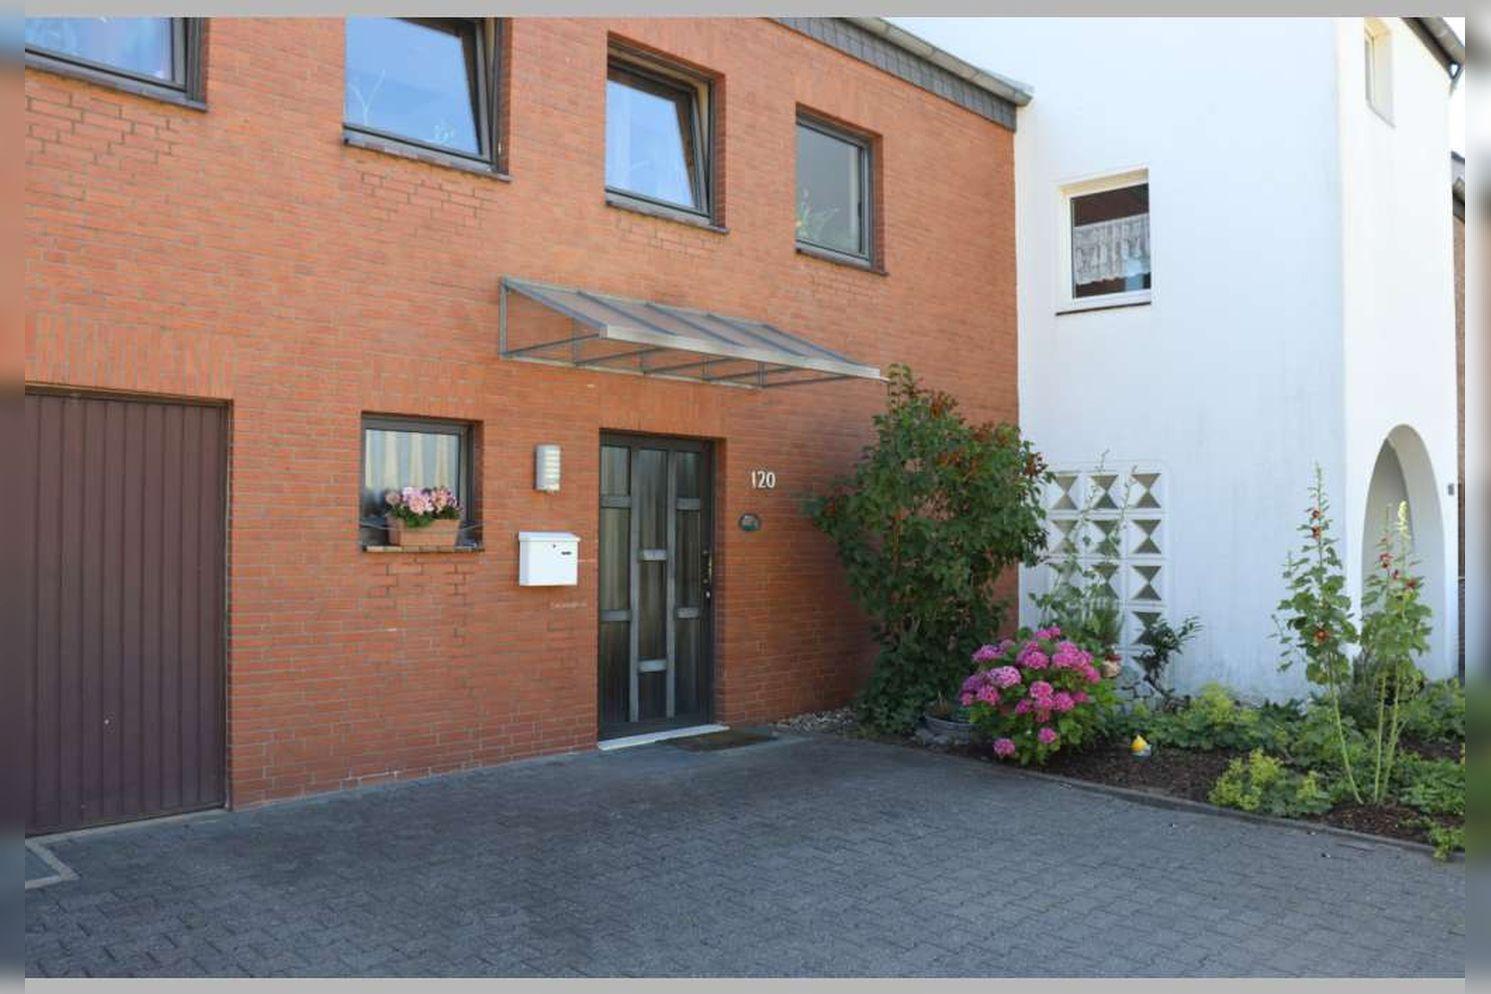 Immobilie Nr.0268 - Reihenmittelhaus mit 4 Zimmern, Küche, Diele, Badezimmer, Gäste-WC, Garten, Garage und Stellplätzen - Bild 6.jpg